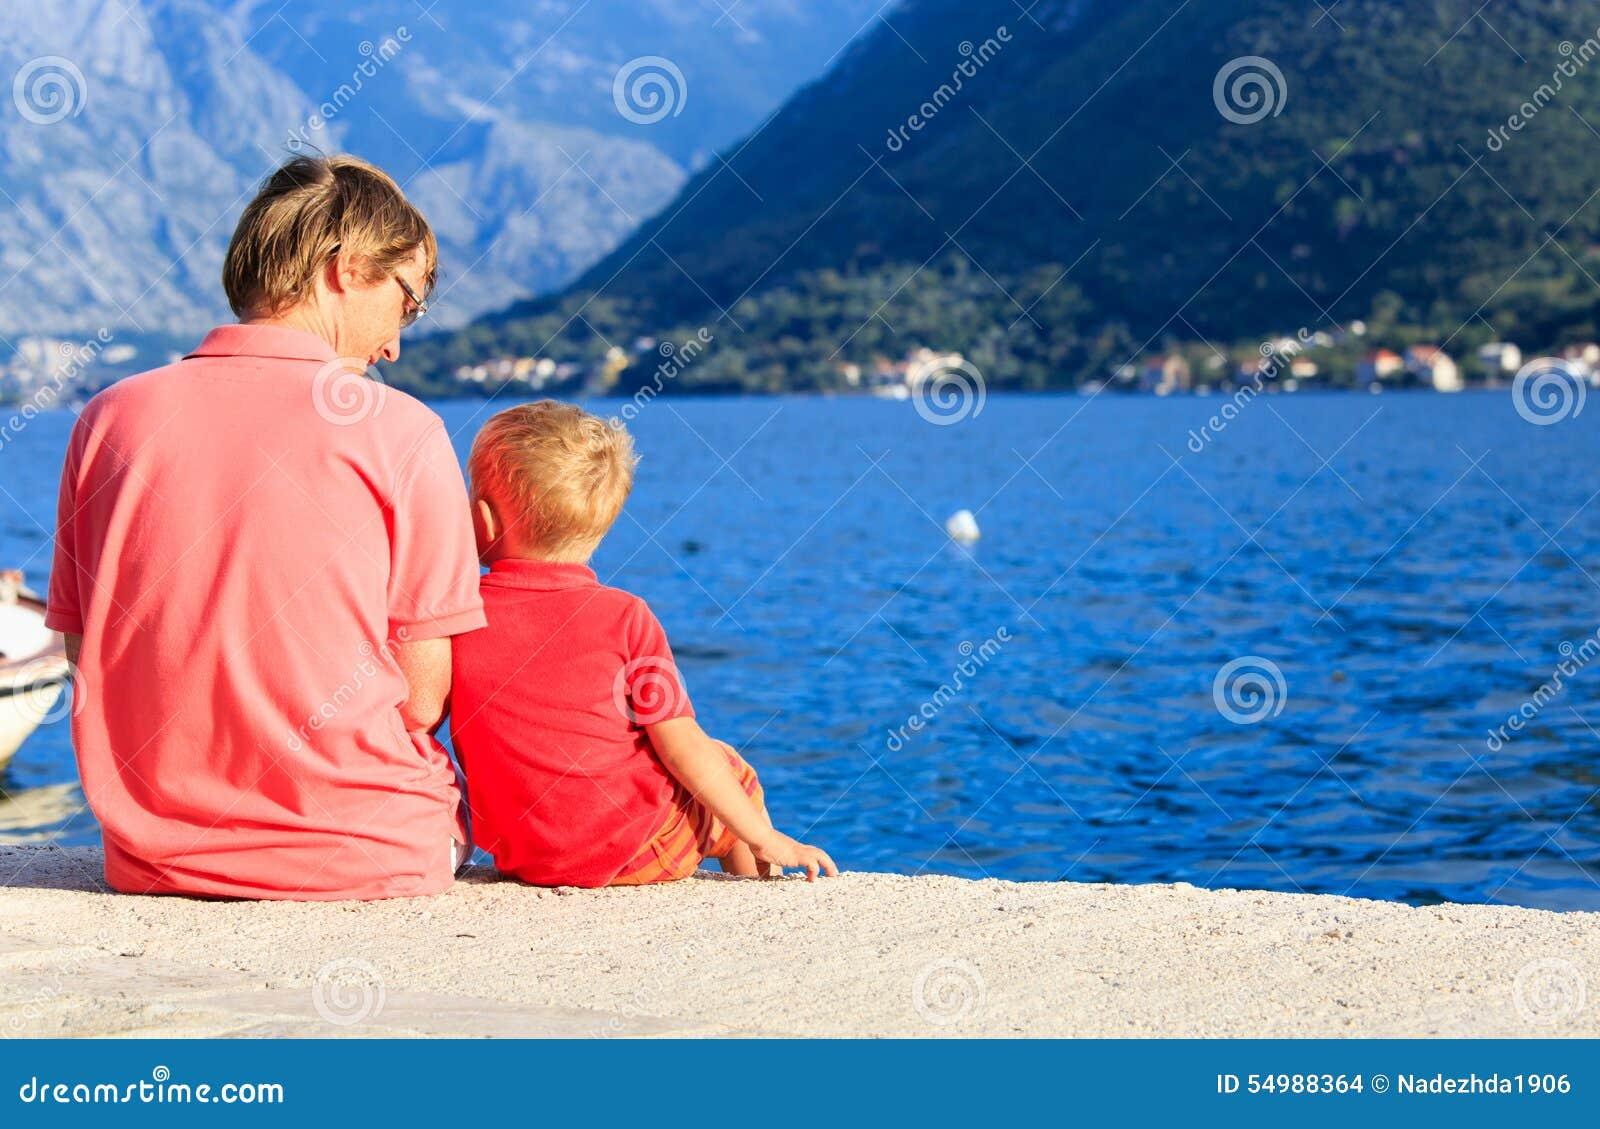 Fader och samtal lite på den sceniska havsstranden in